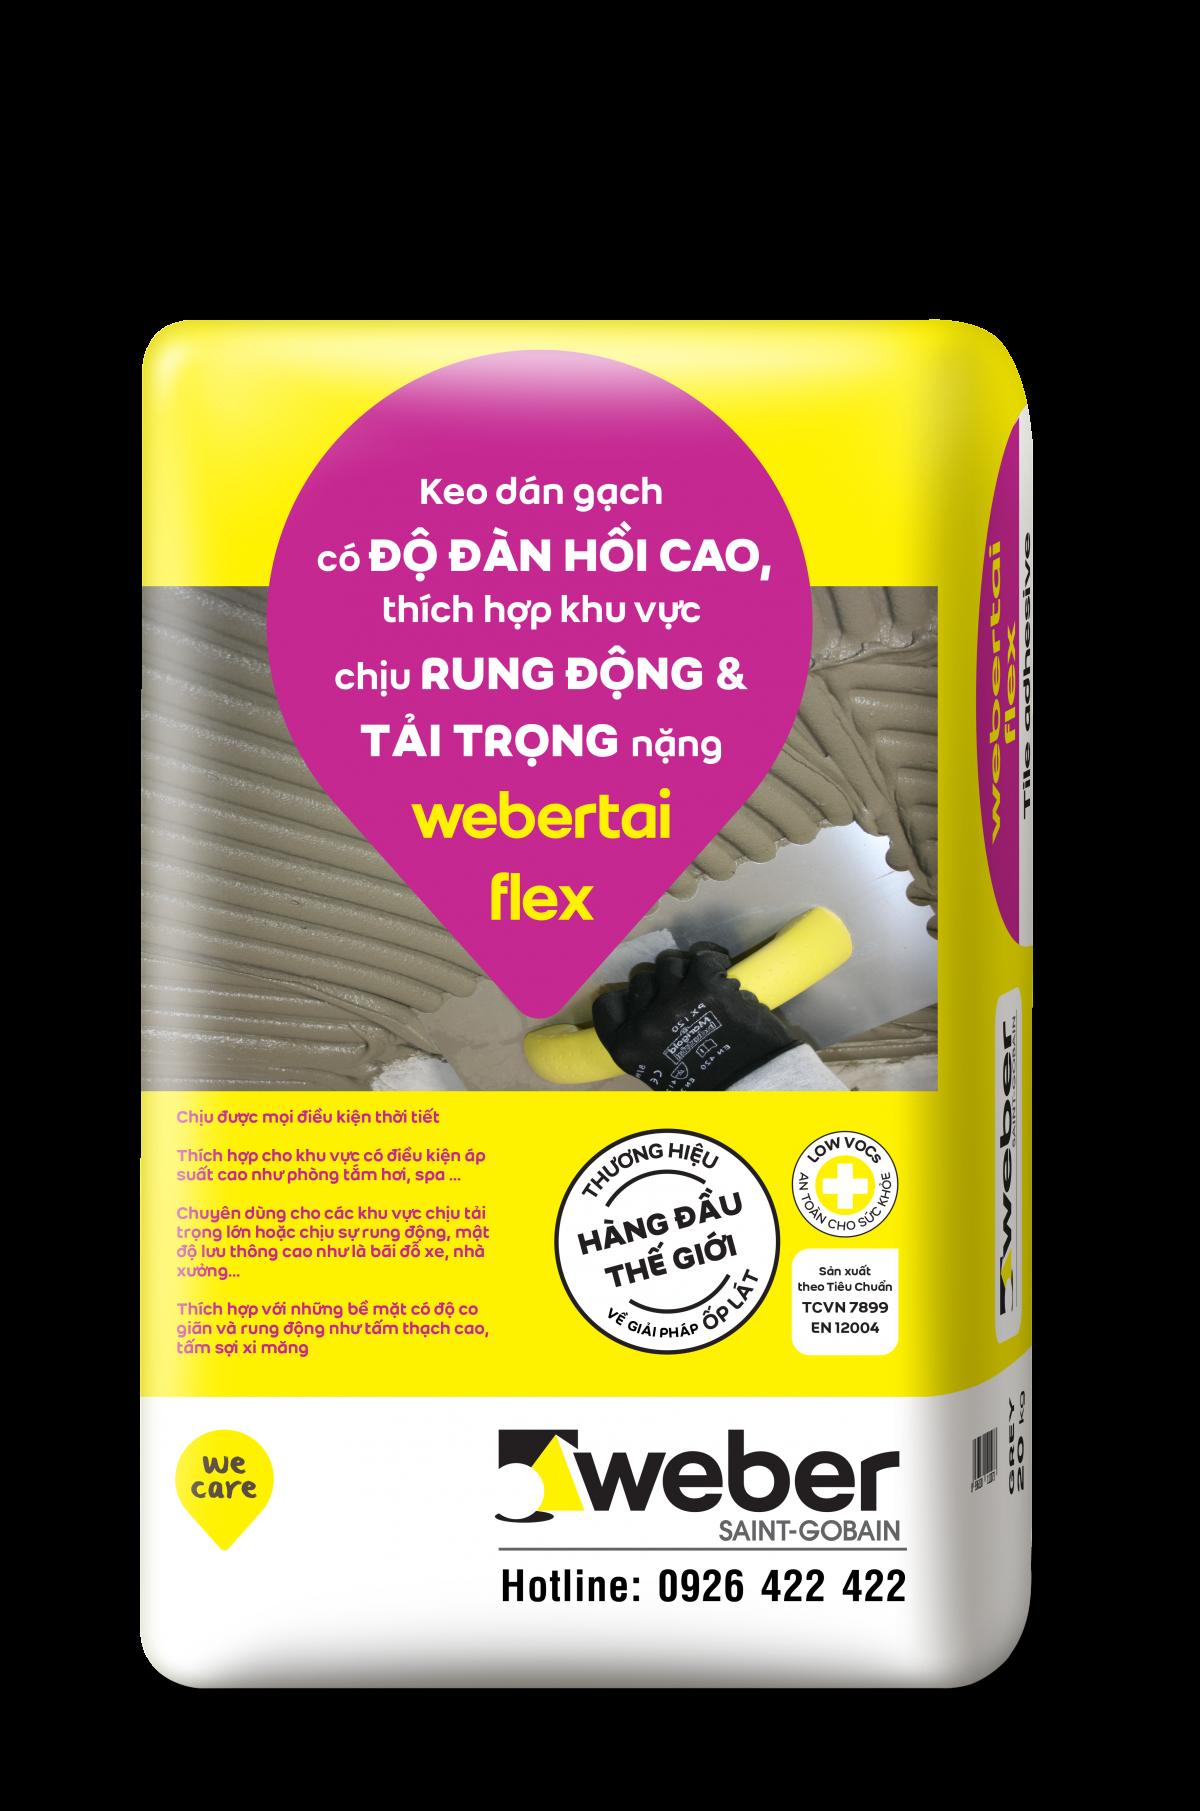 webertai flex keo dan gach cao cap so 1 tai Vietnam gia re chat luong cao don vi cung cap tai tphcm giao hang nhanh